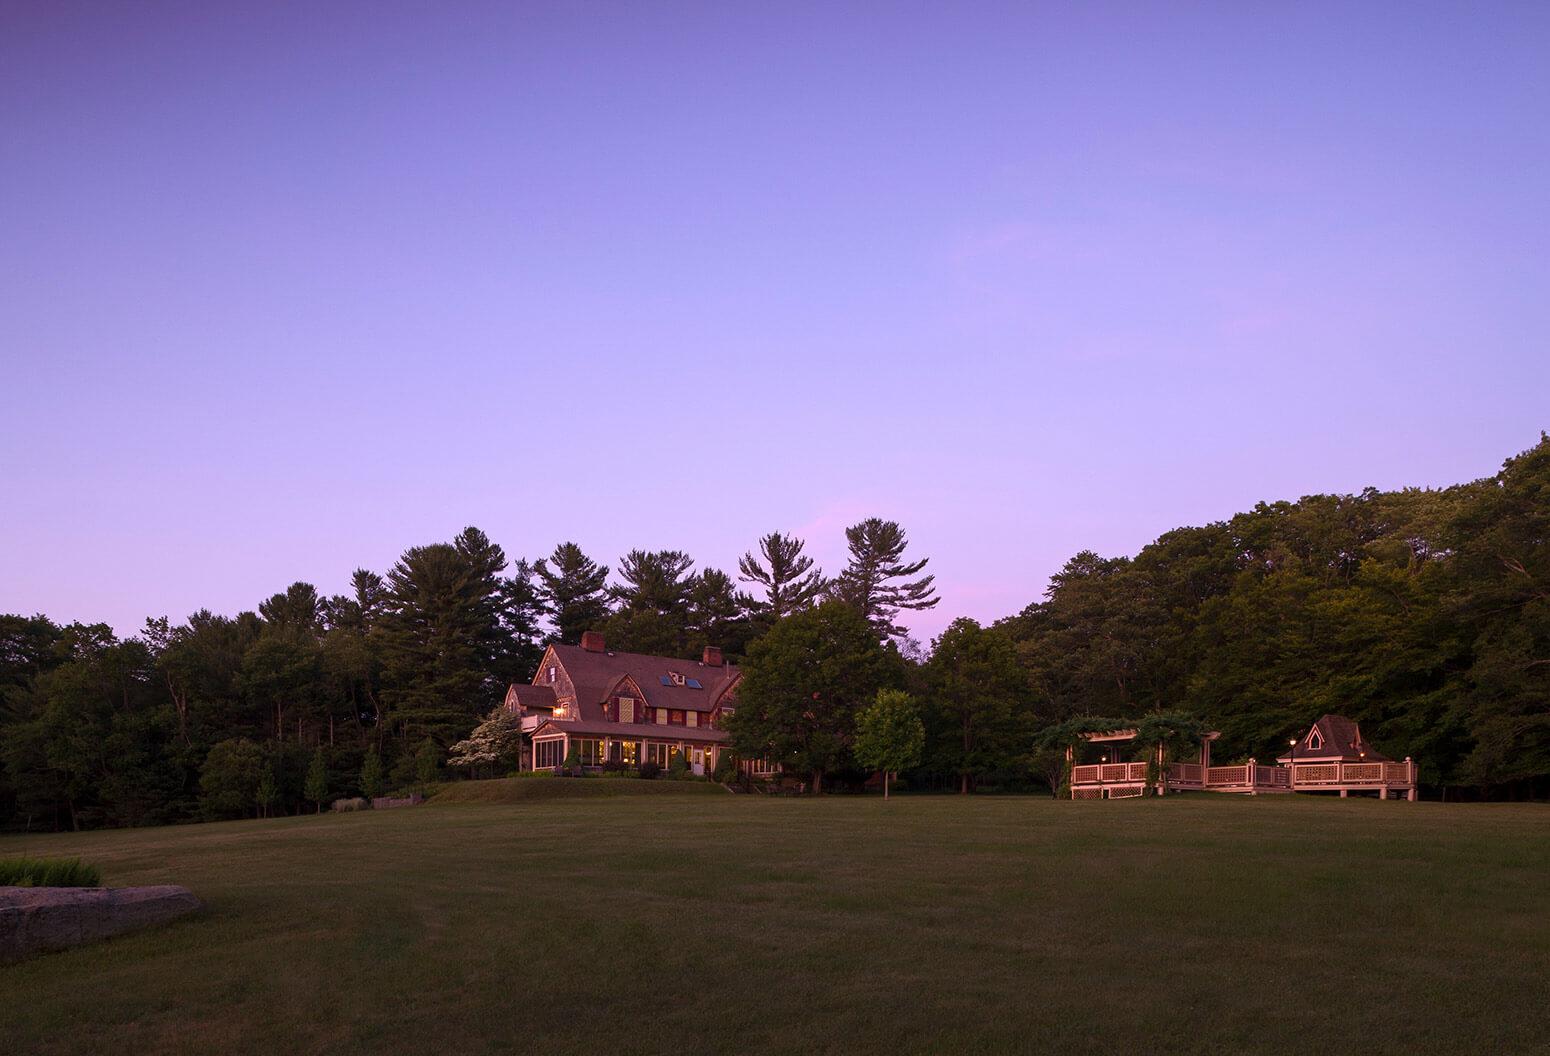 Inn at sunset